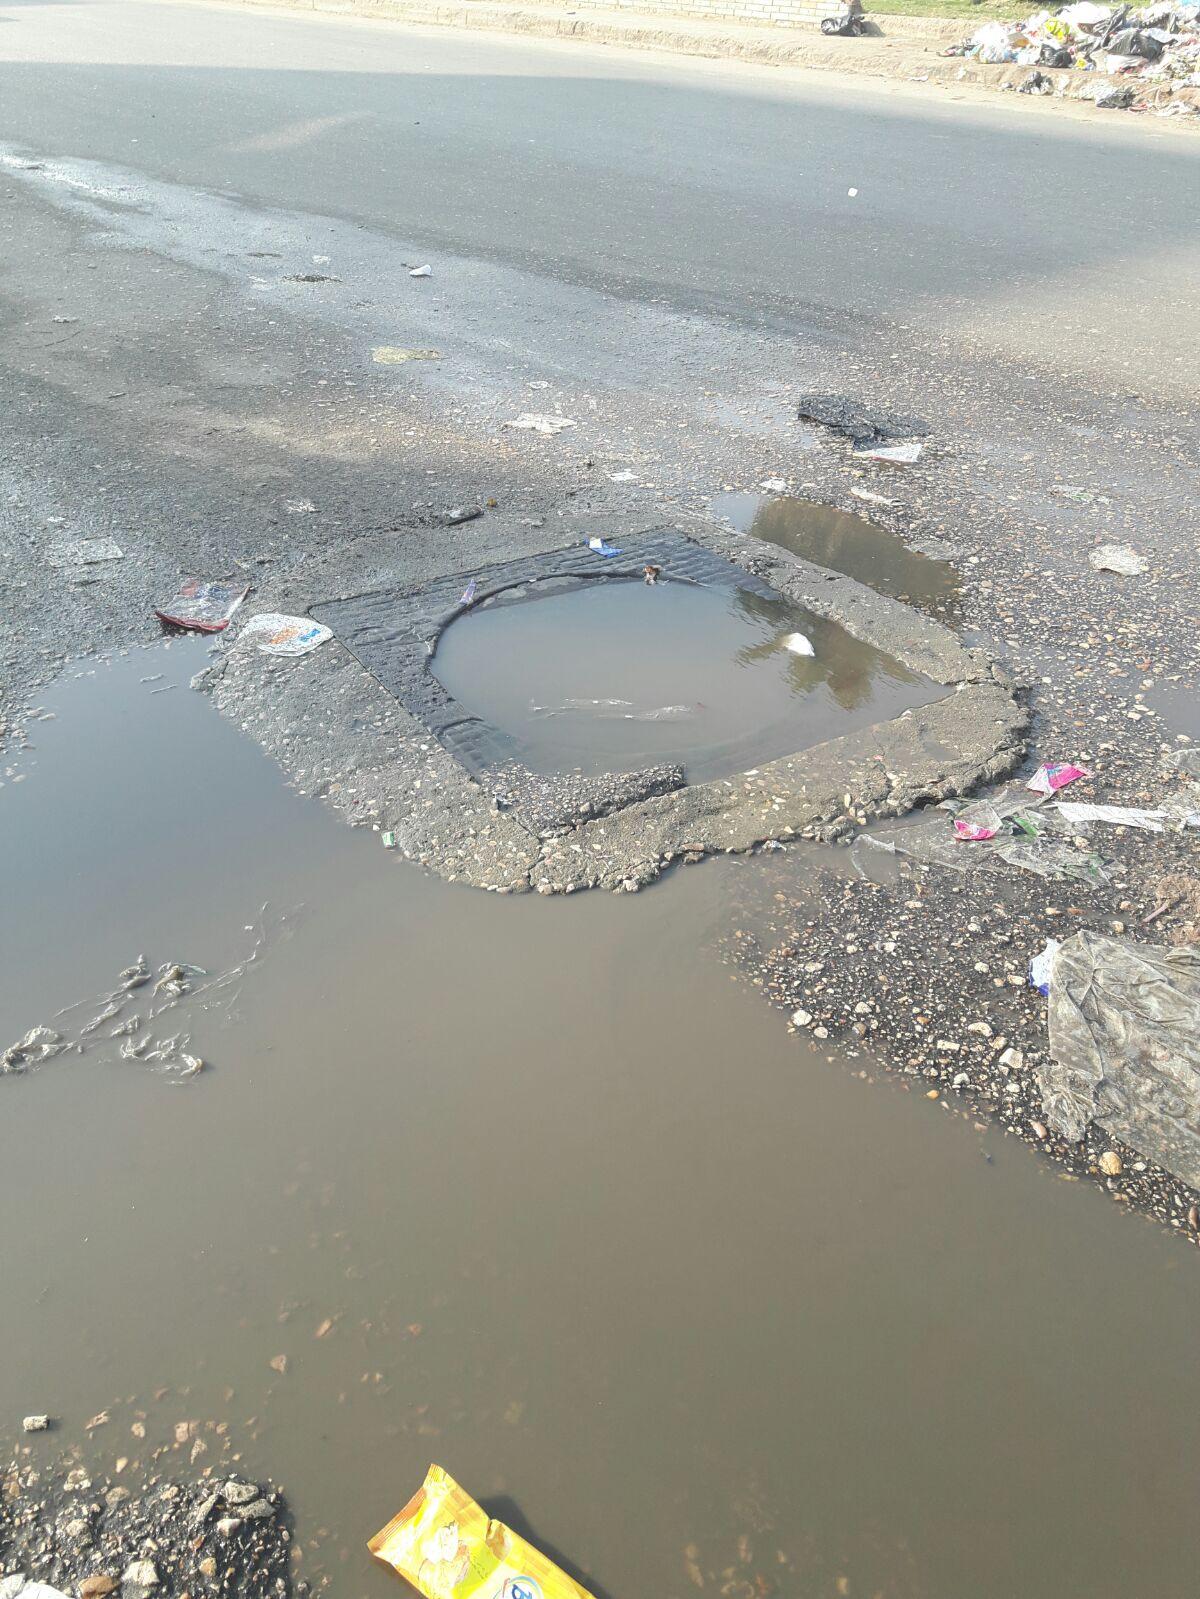 مواطن يبلغ عن محبس مياه مكسور بشبرا الخيمة.. والشركة تتجاهل الشكوى